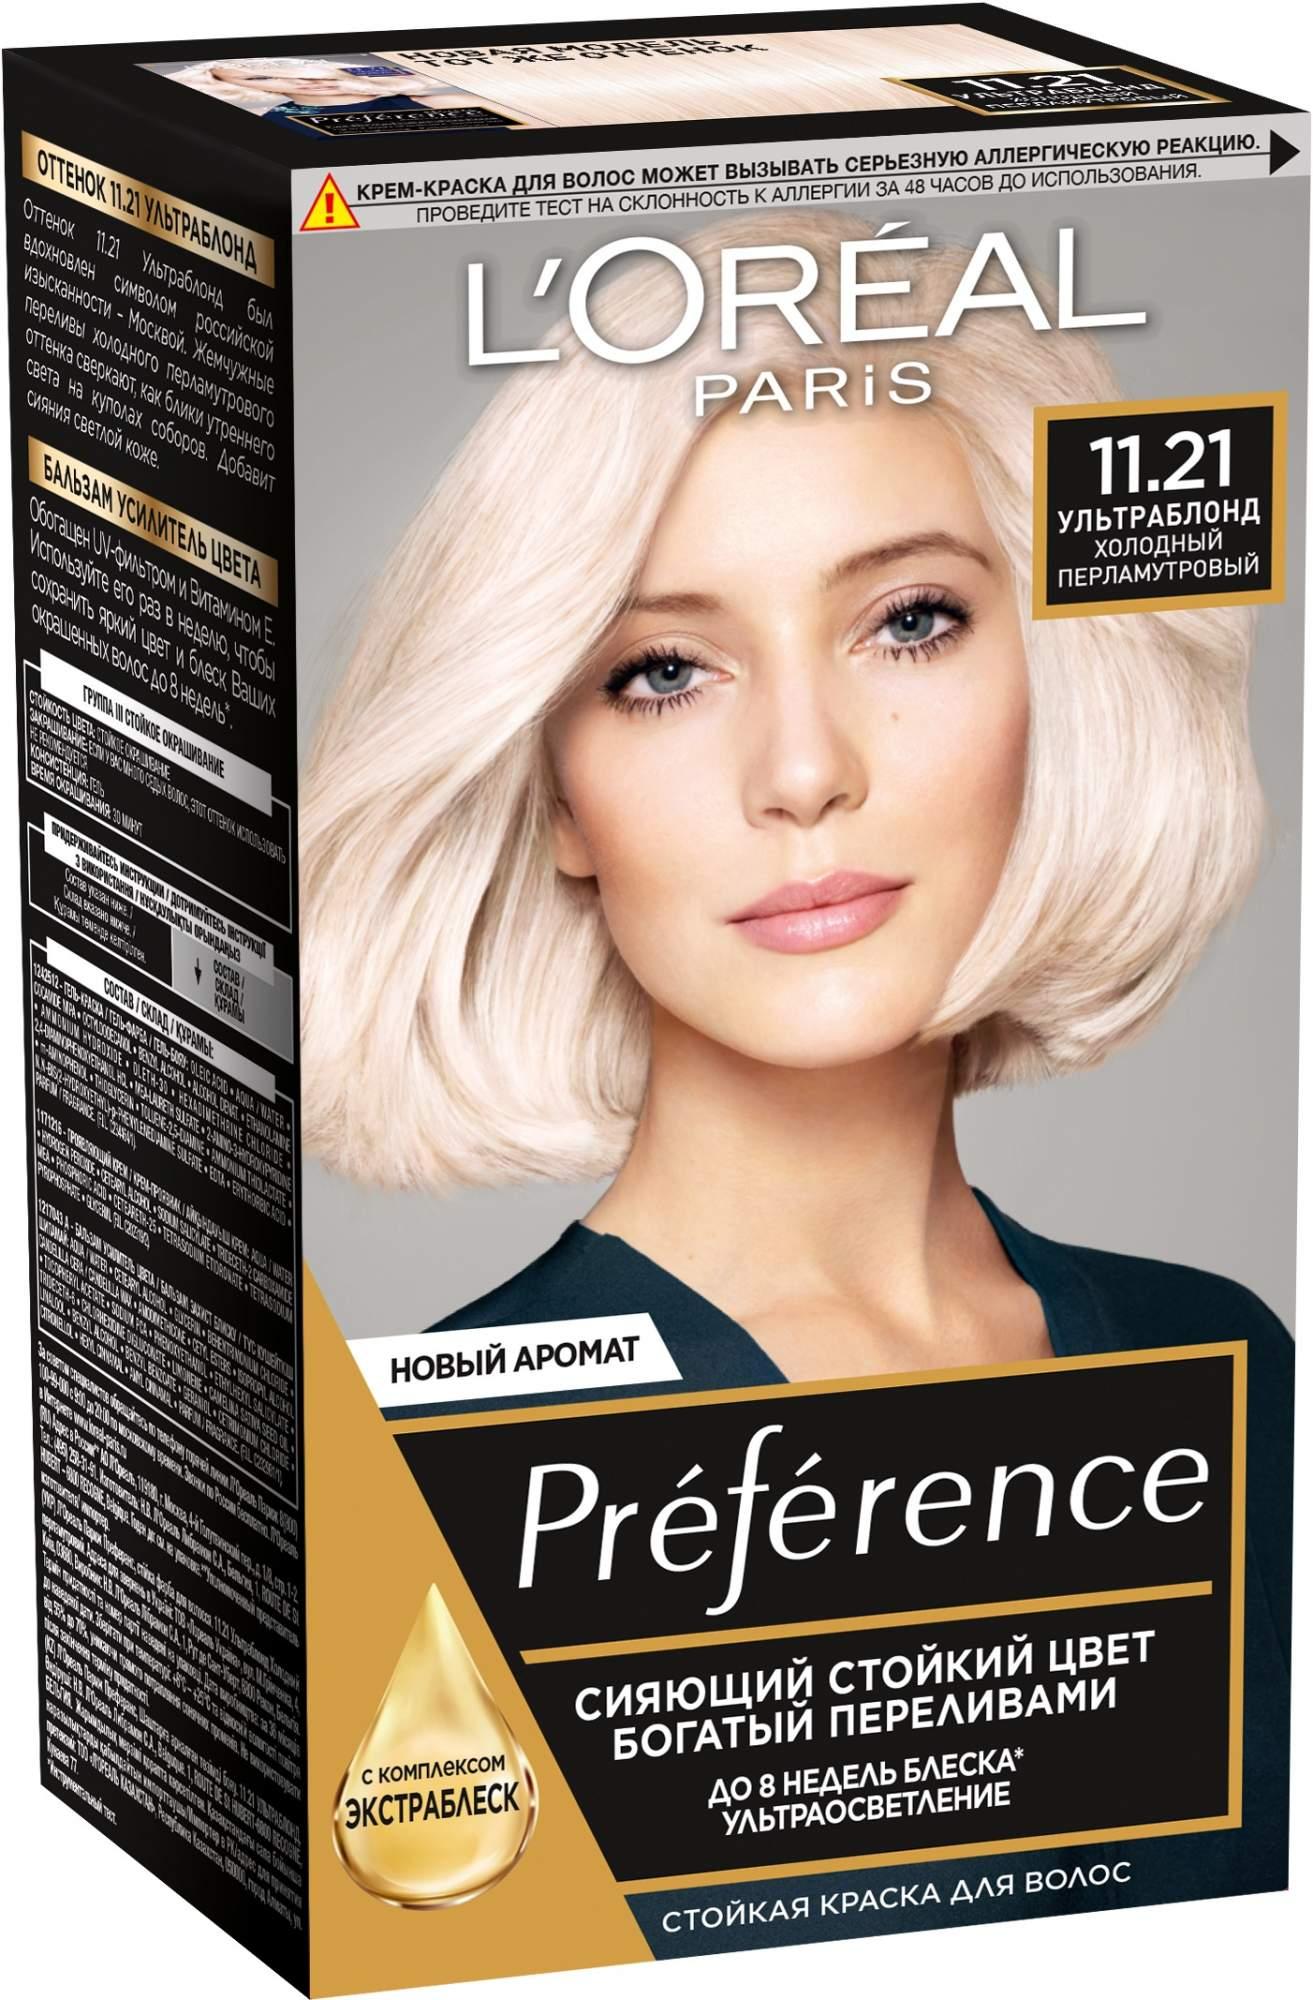 Миниатюра Краска для волос L'Oreal Paris Preference оттенок 11,21 ультраблонд перламутровый №1